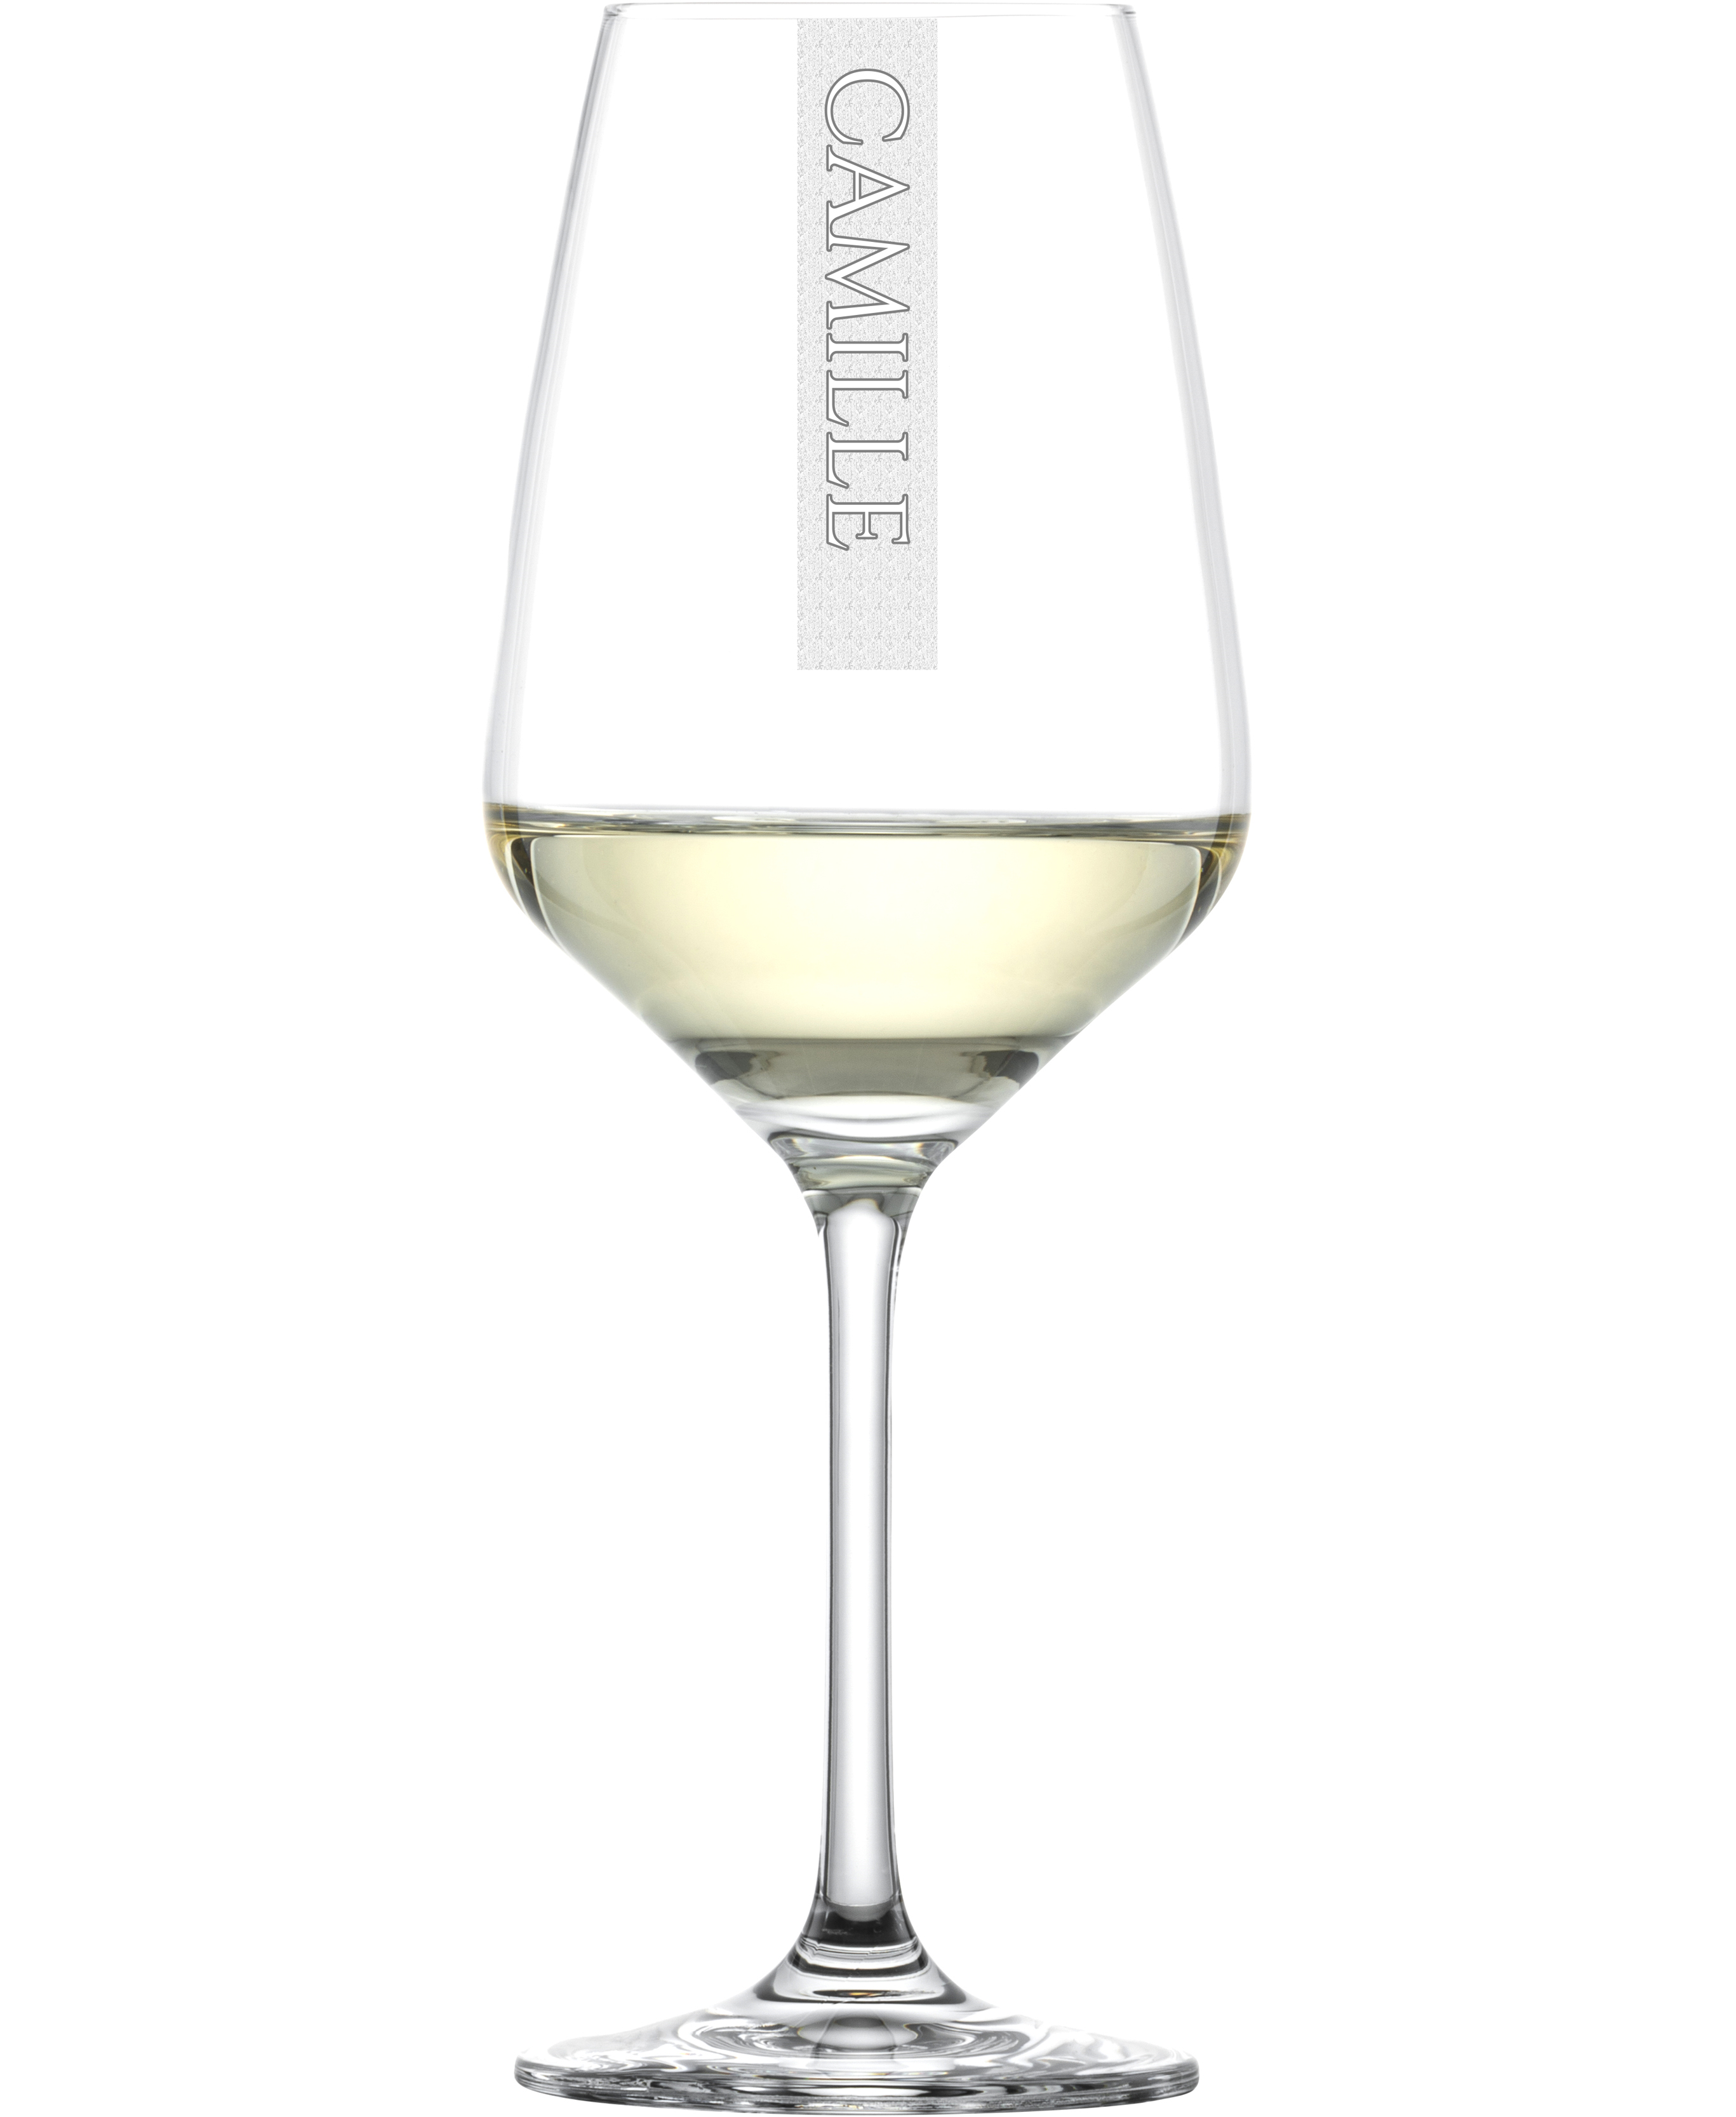 NAMEN Weißweinglas mit Wunschtext   356ml Schott Taste Weinkelch   Gravur